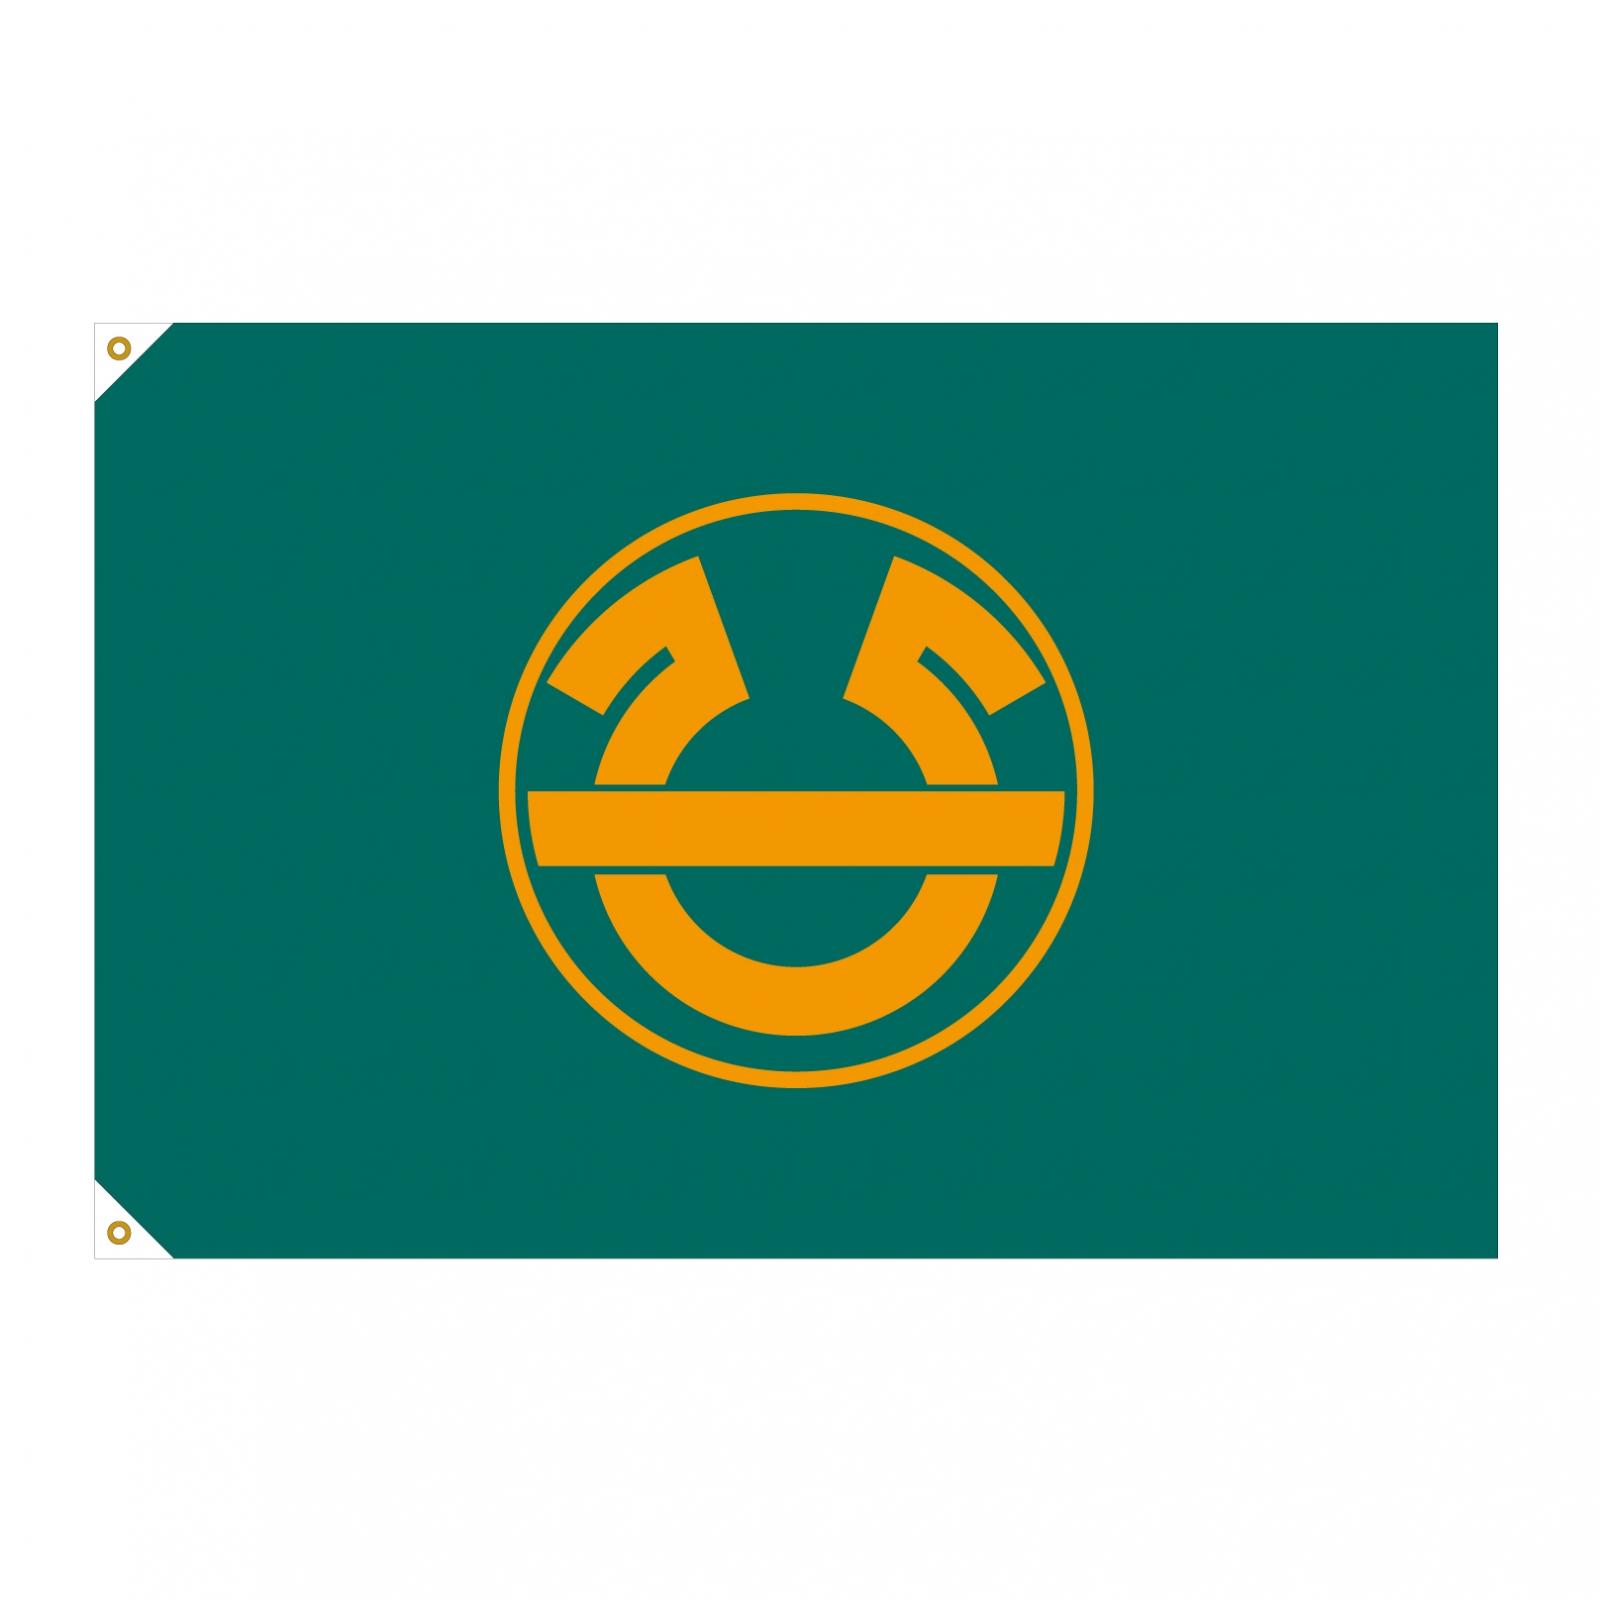 福祉会の社旗